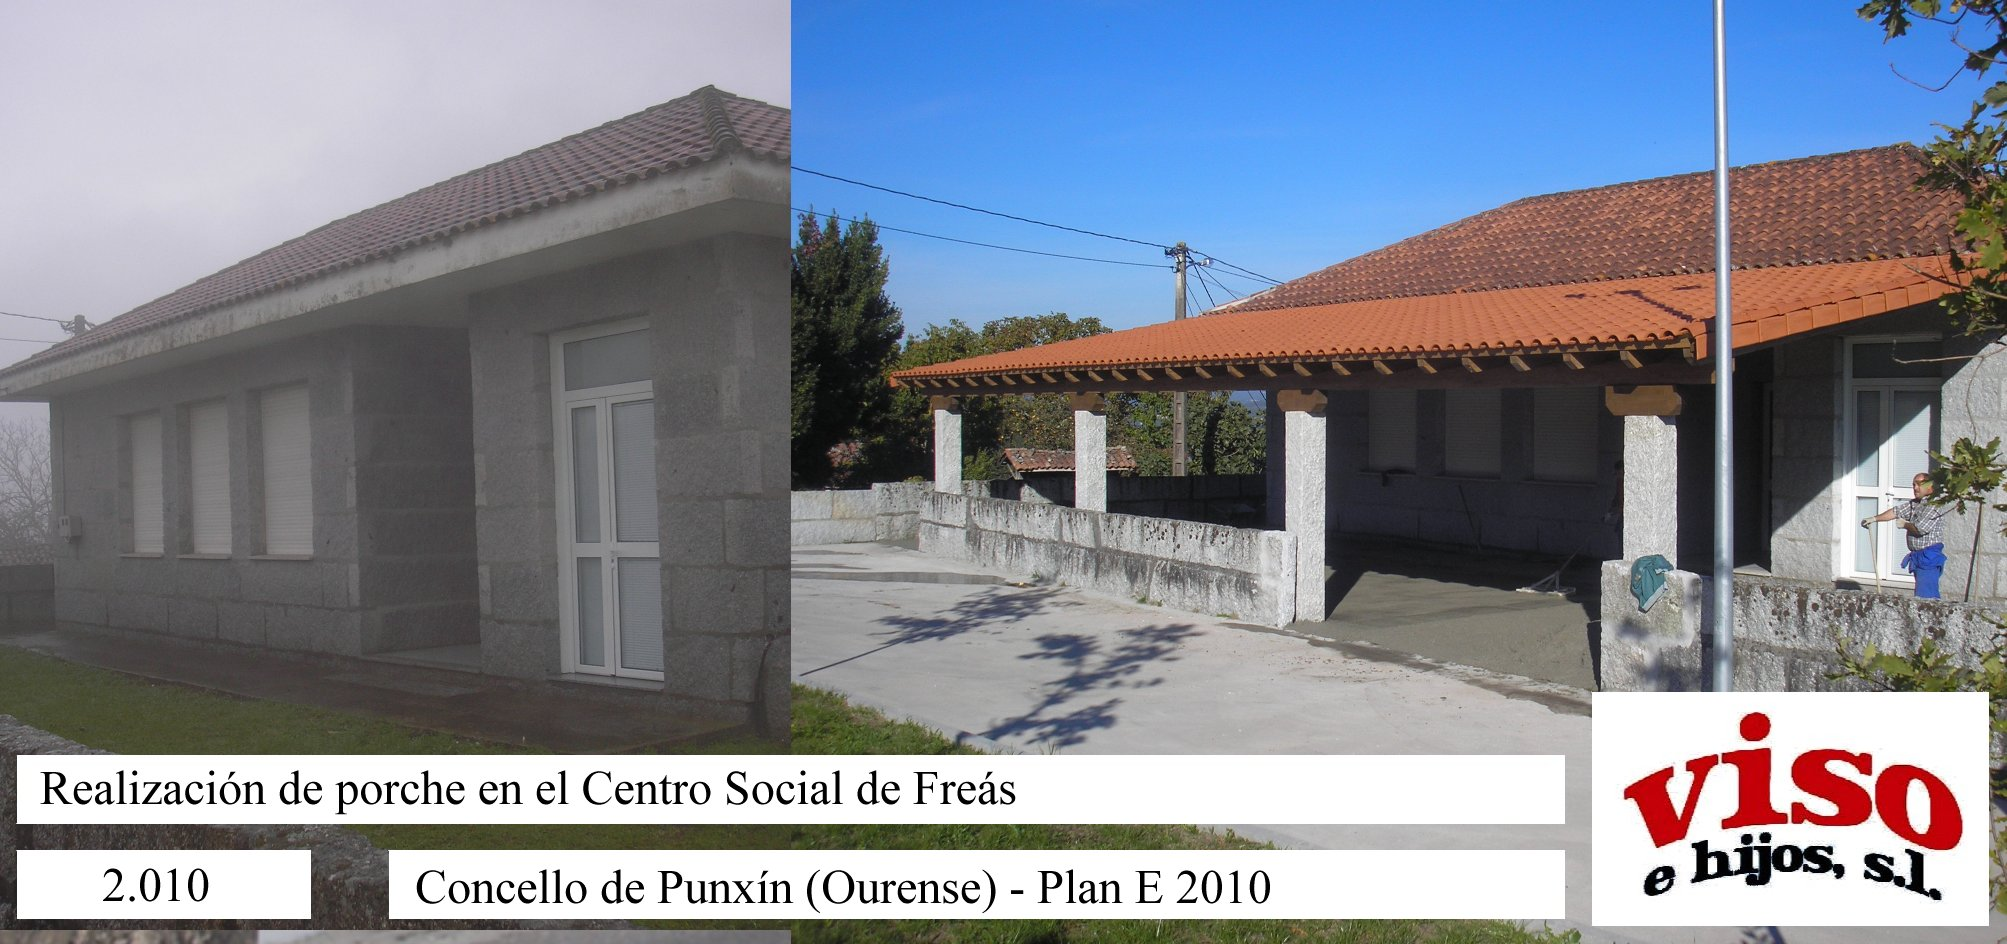 2010 Concello Punxín Alero